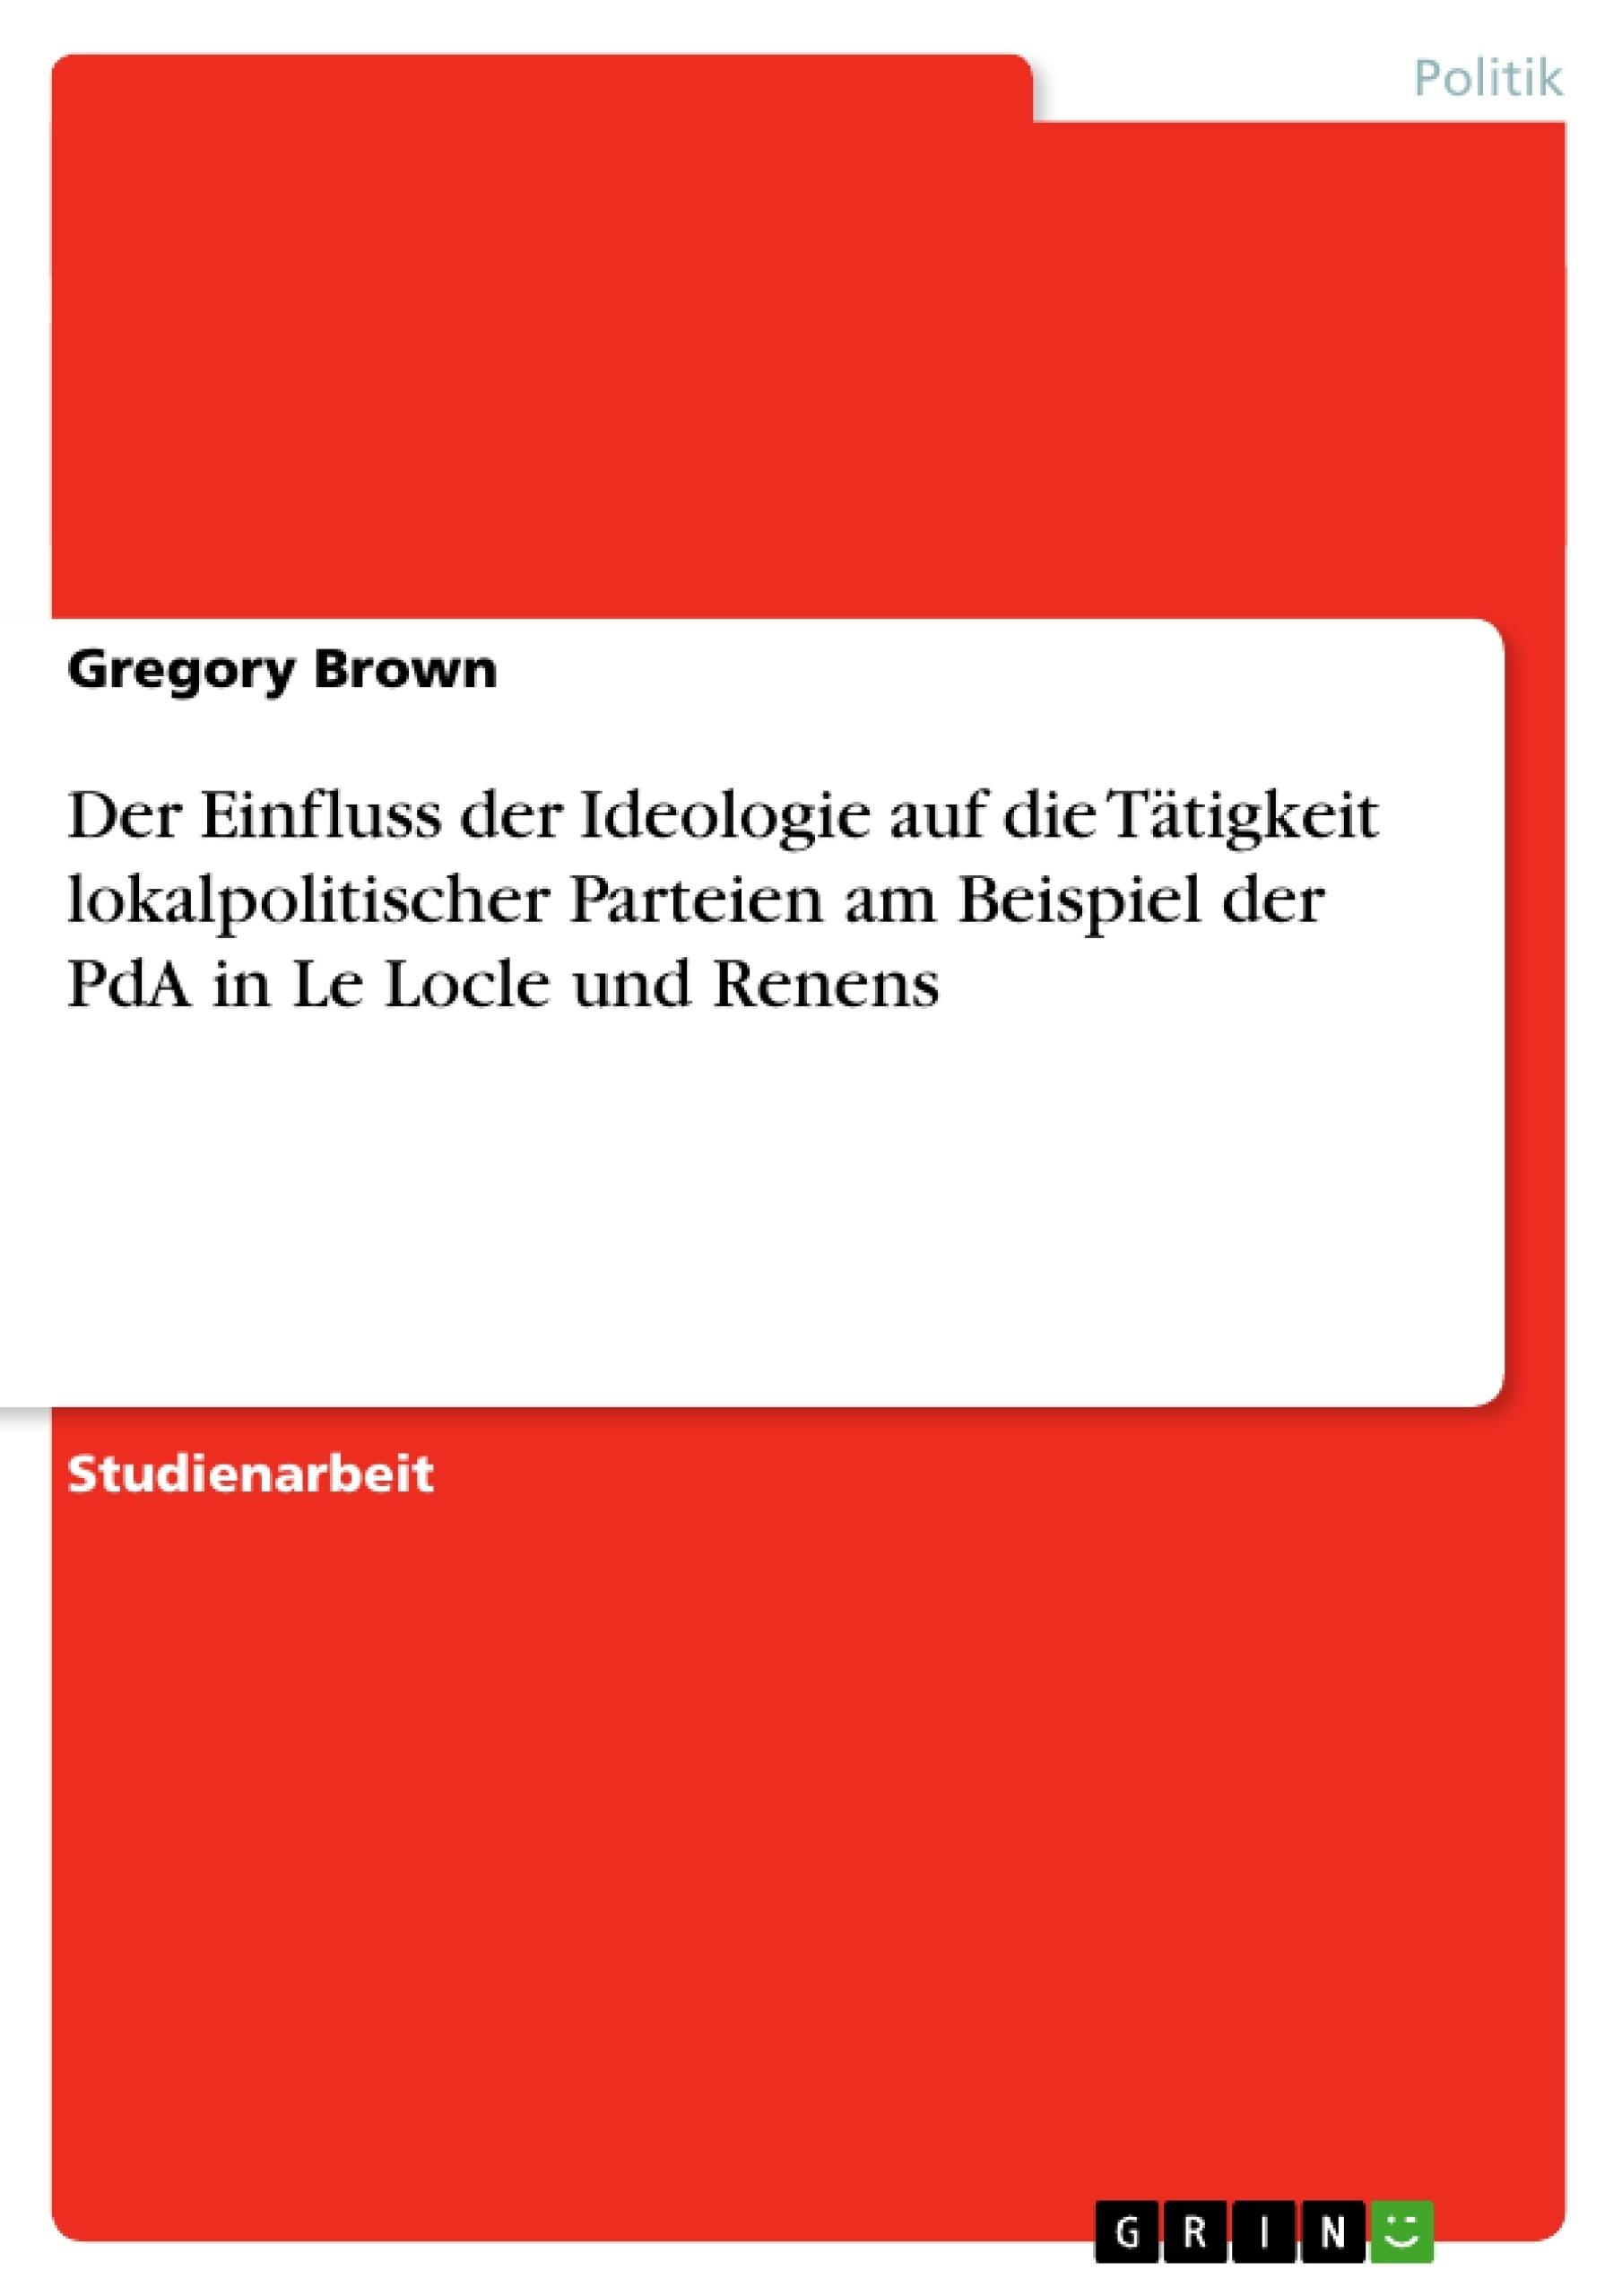 Titel: Der Einfluss der Ideologie auf die Tätigkeit lokalpolitischer Parteien am Beispiel der PdA in Le Locle und Renens